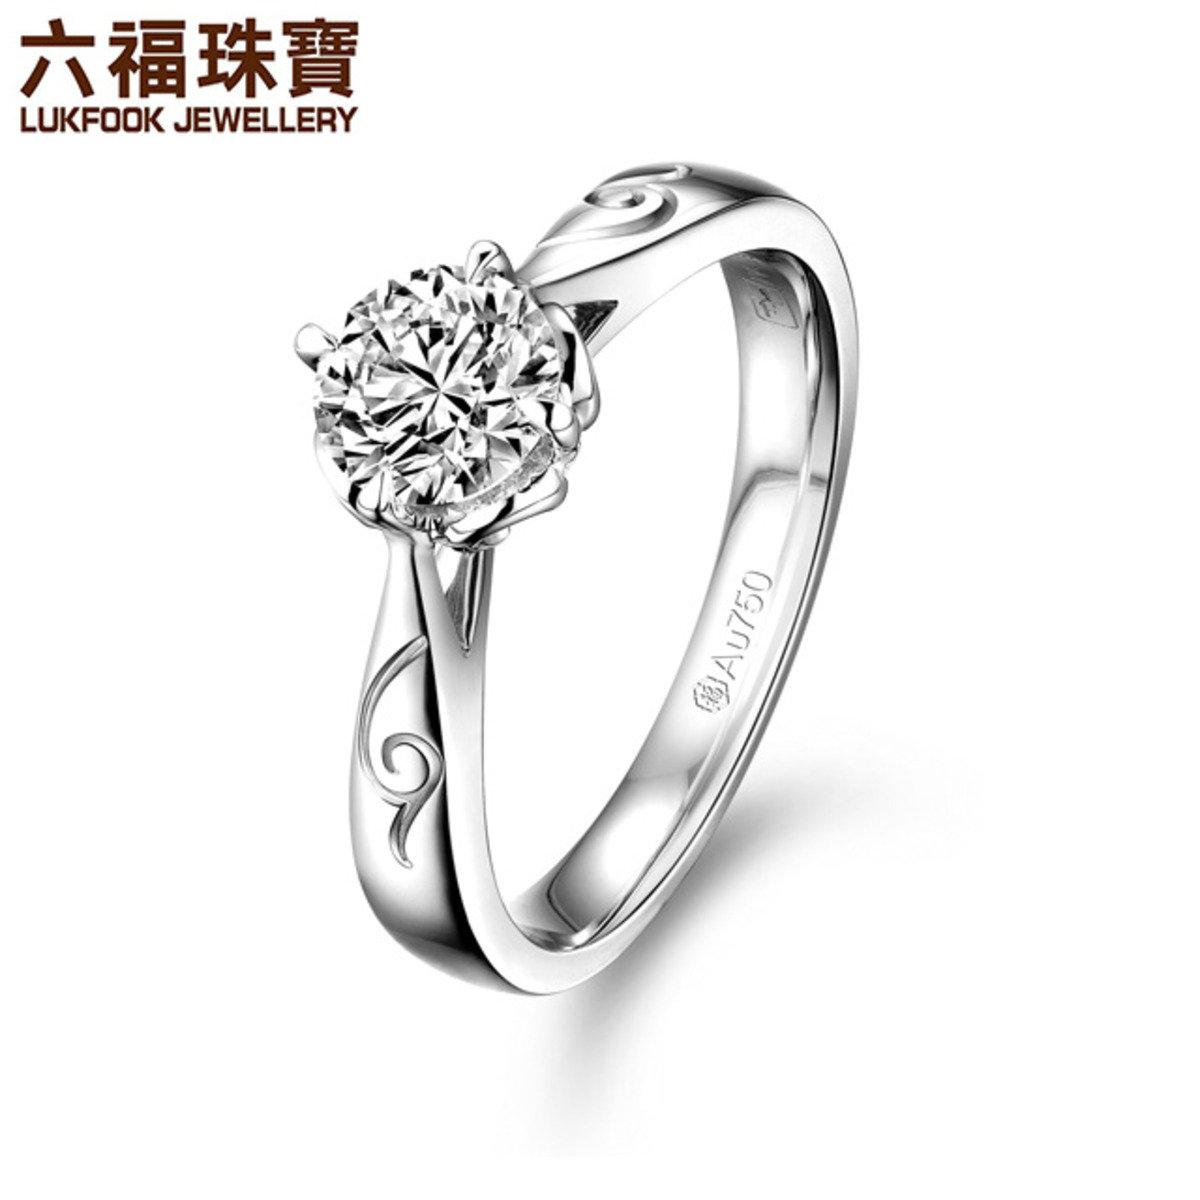 愛恆久 女裝 18K/750金(白色)鑲鑽石戒指